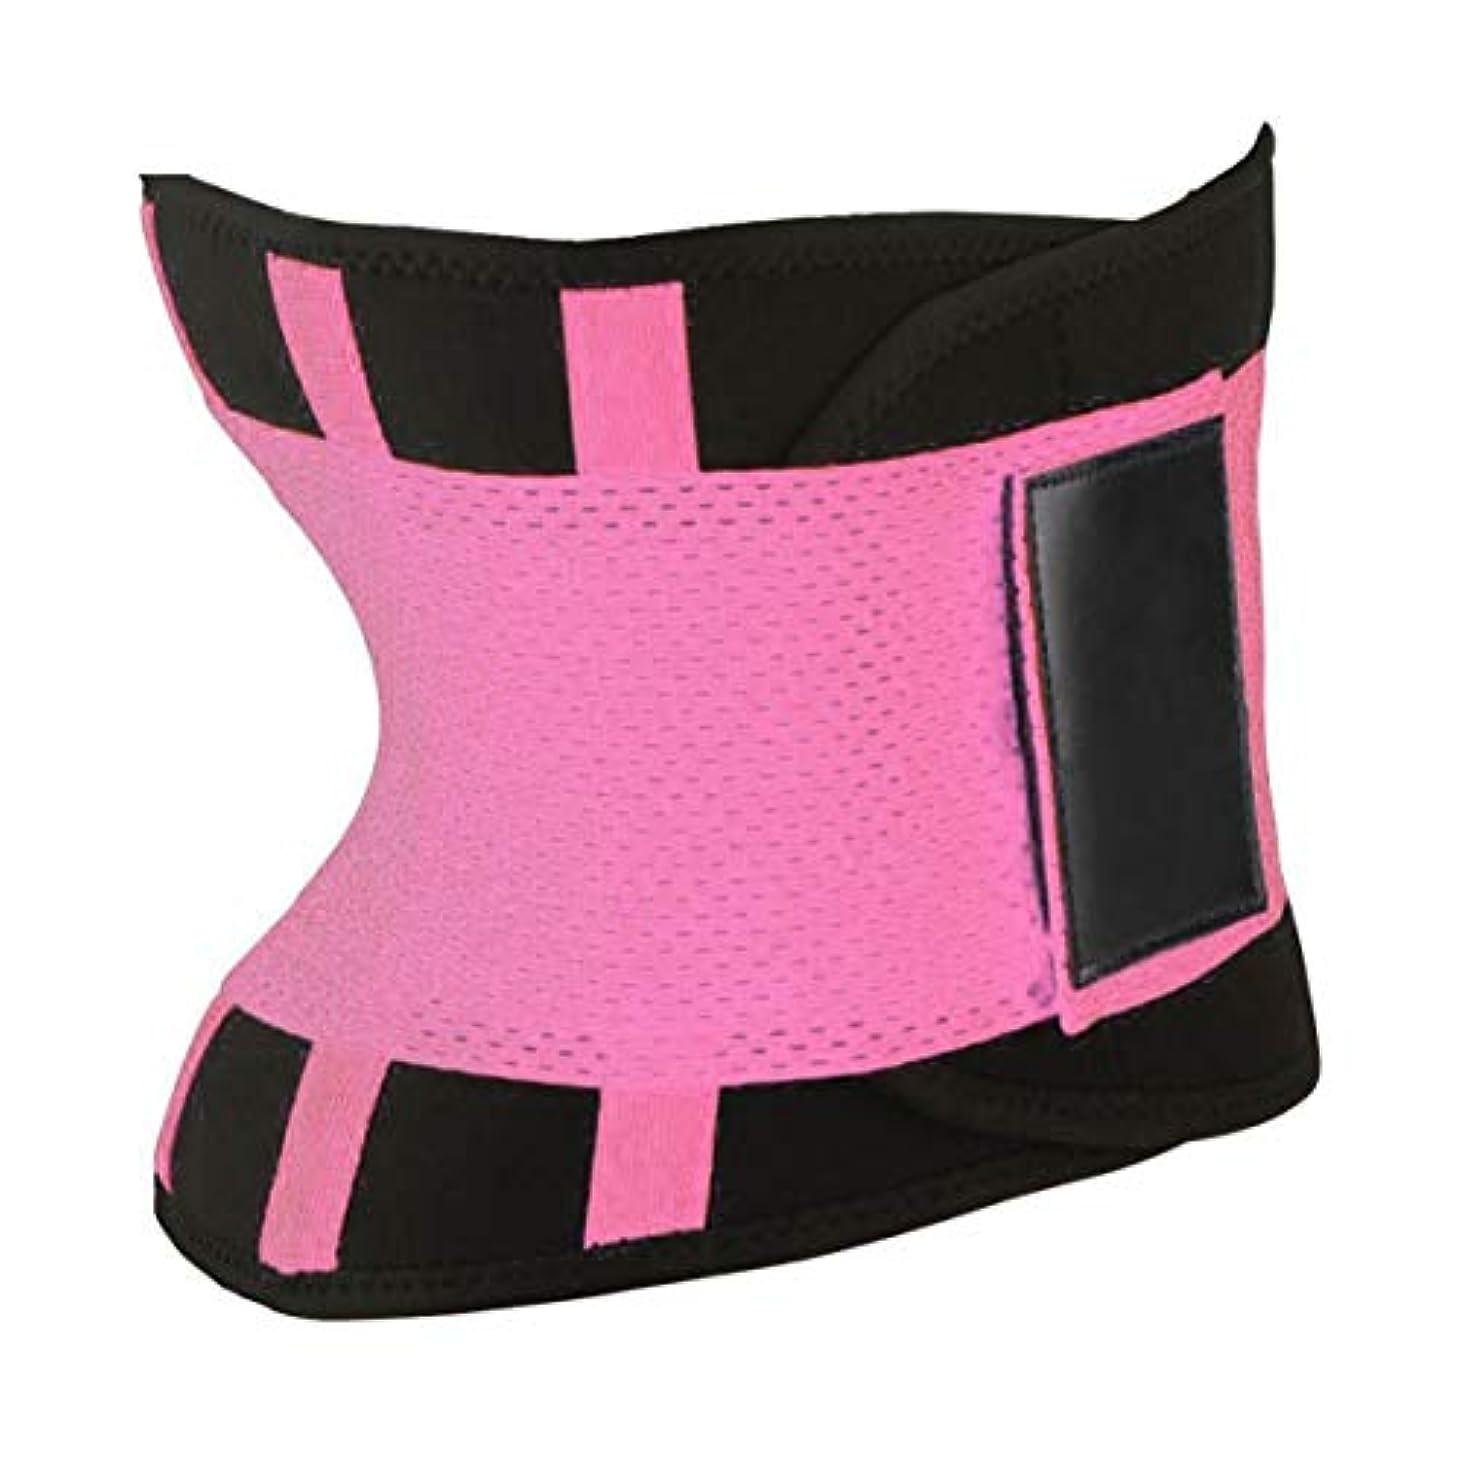 生まれ呼びかける単調な快適な女性ボディシェイパー痩身シェイパーベルトスポーツ女性ウエストトレーナーニッパー制御バーニングボディおなかベルト - ピンク2xl